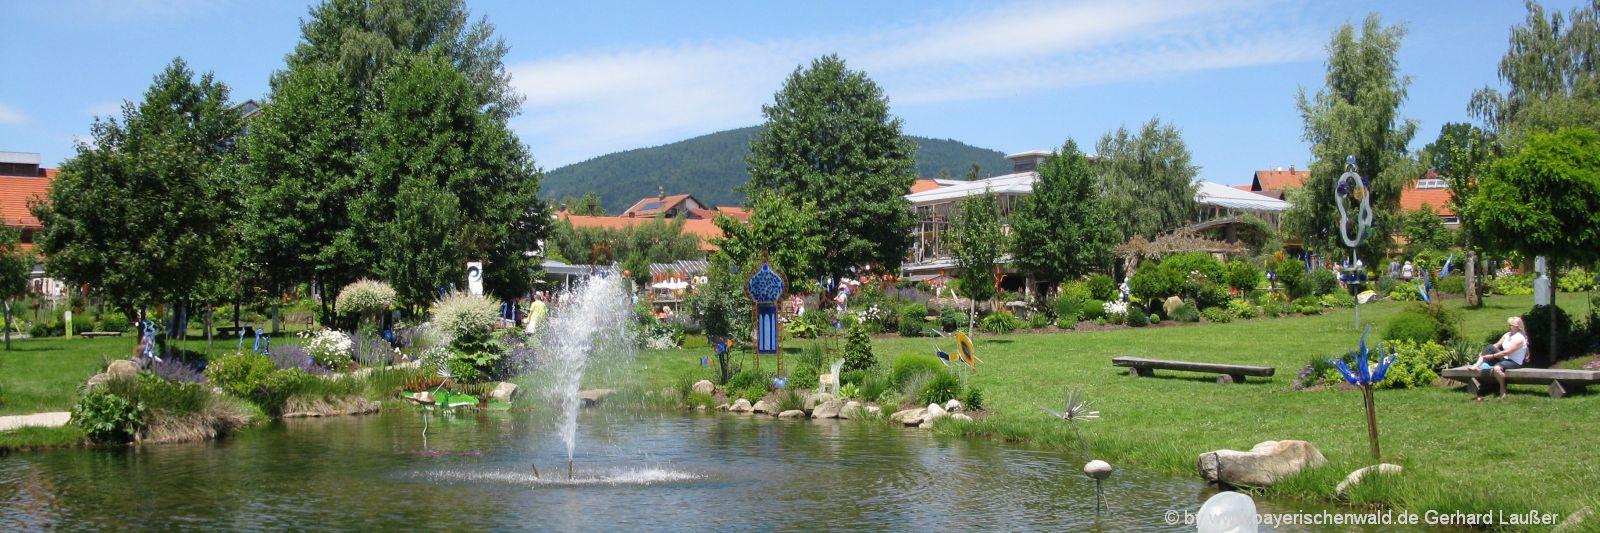 bayerischer-wald-touren-ausflugsziele-freizeitangebote-sehenswürdigkeiten